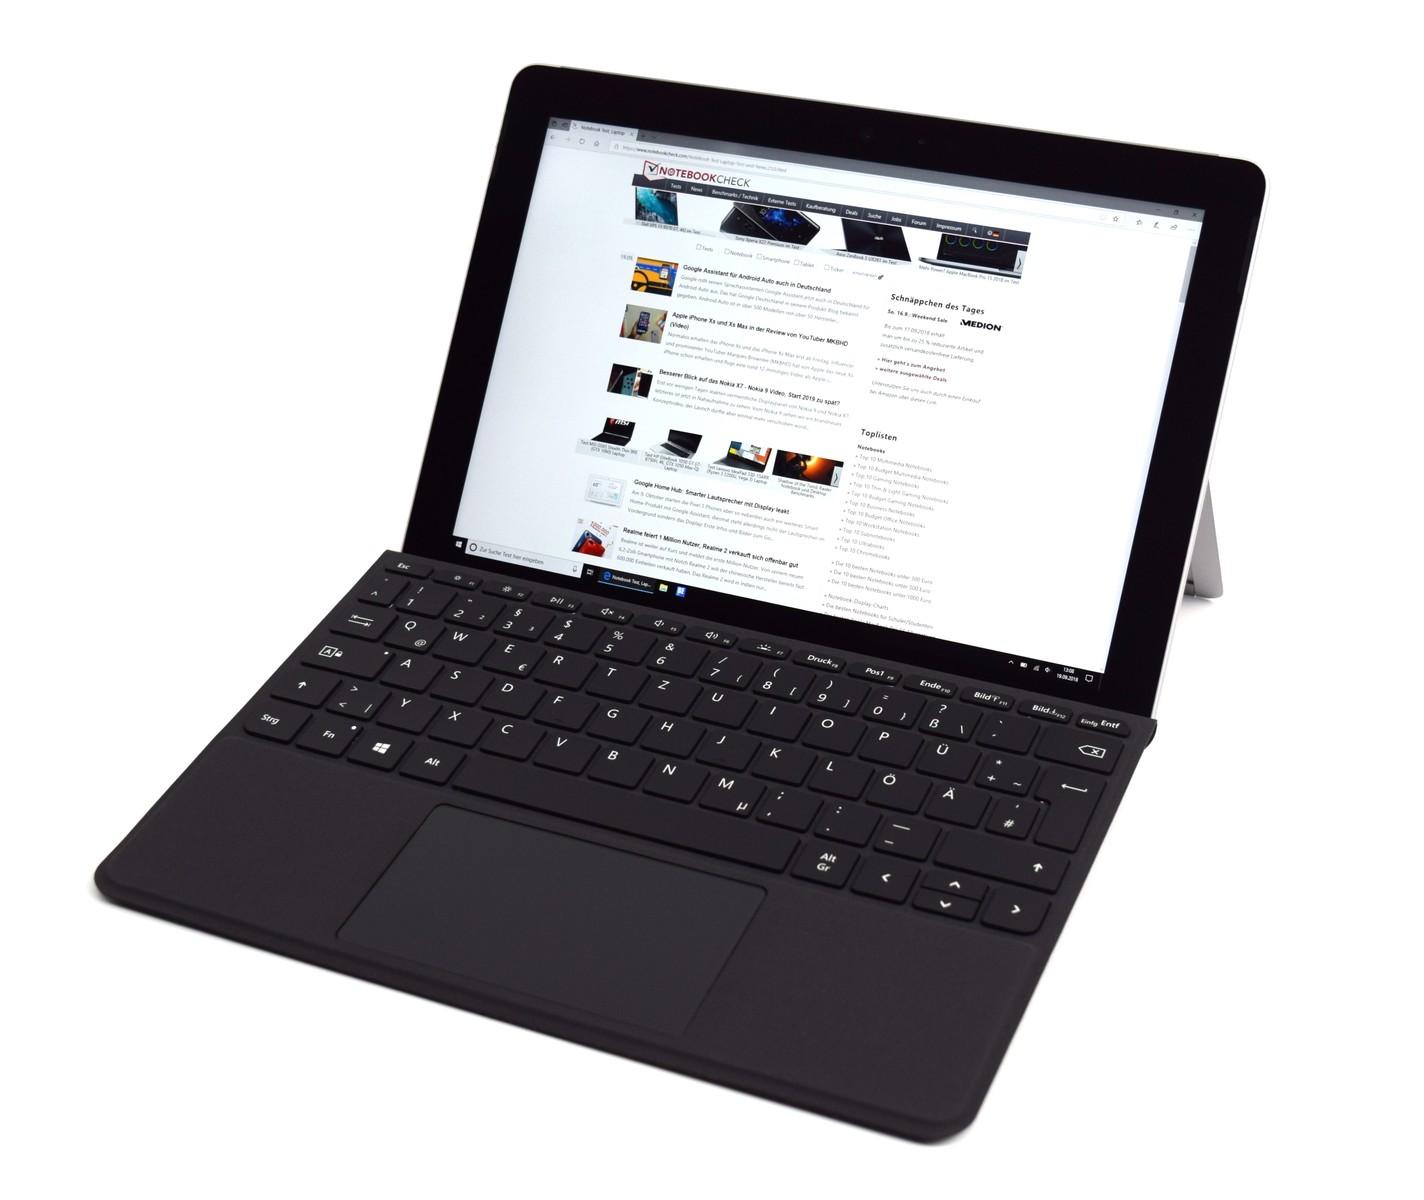 Microsoft Surface Go MHN-00003 - Notebookcheck net External